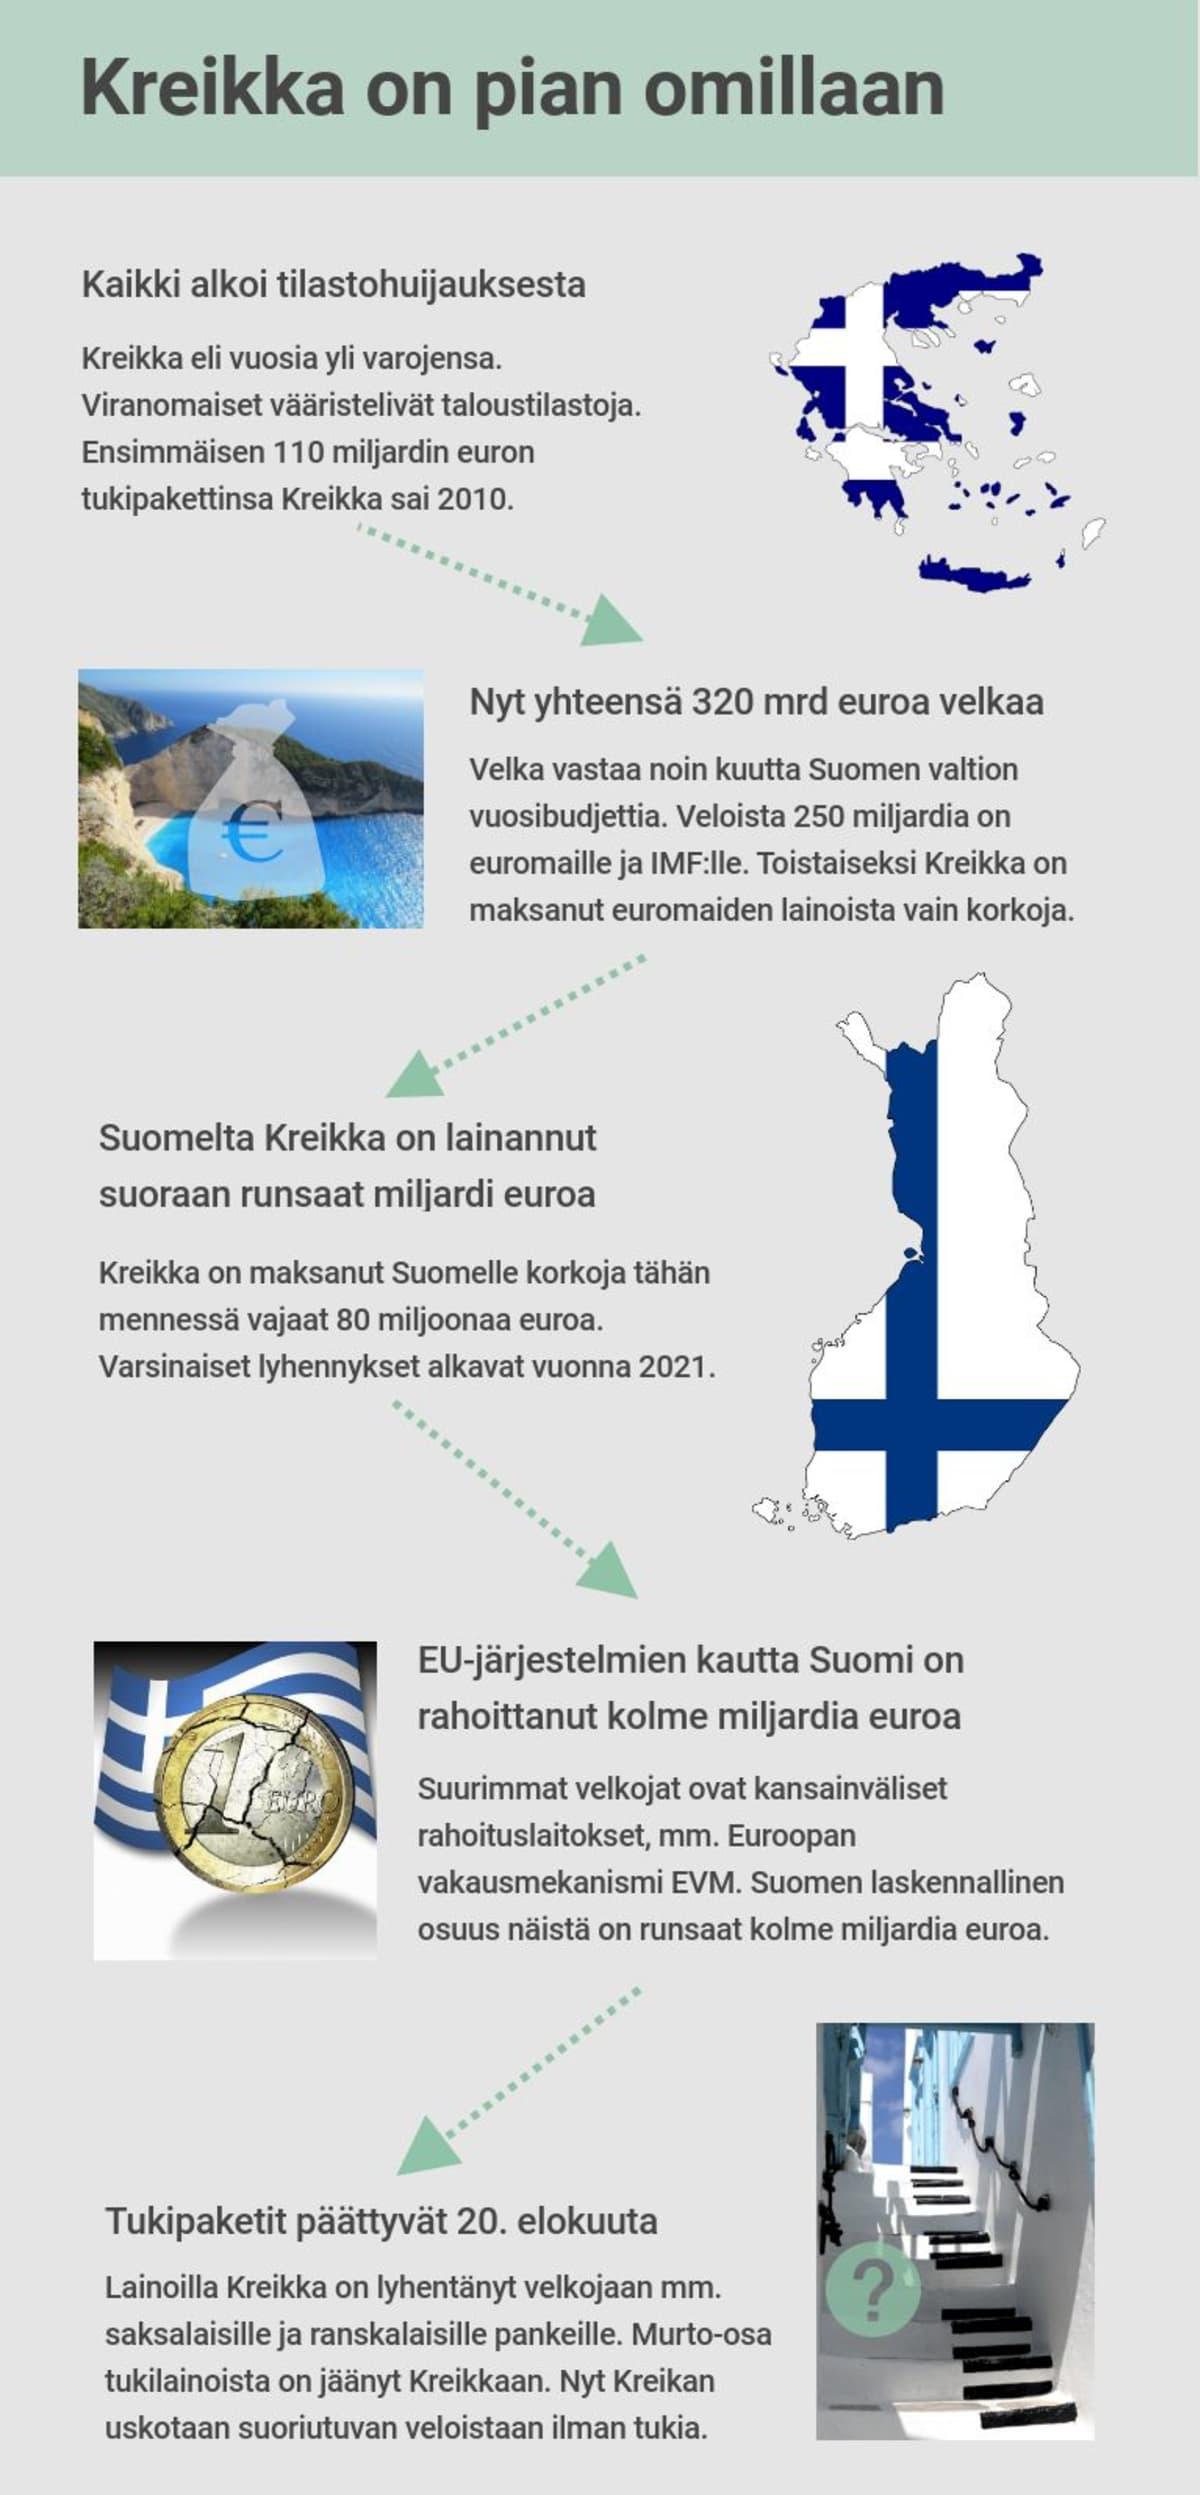 Kreikan velkaohjelma, tukipakettien päättyminen